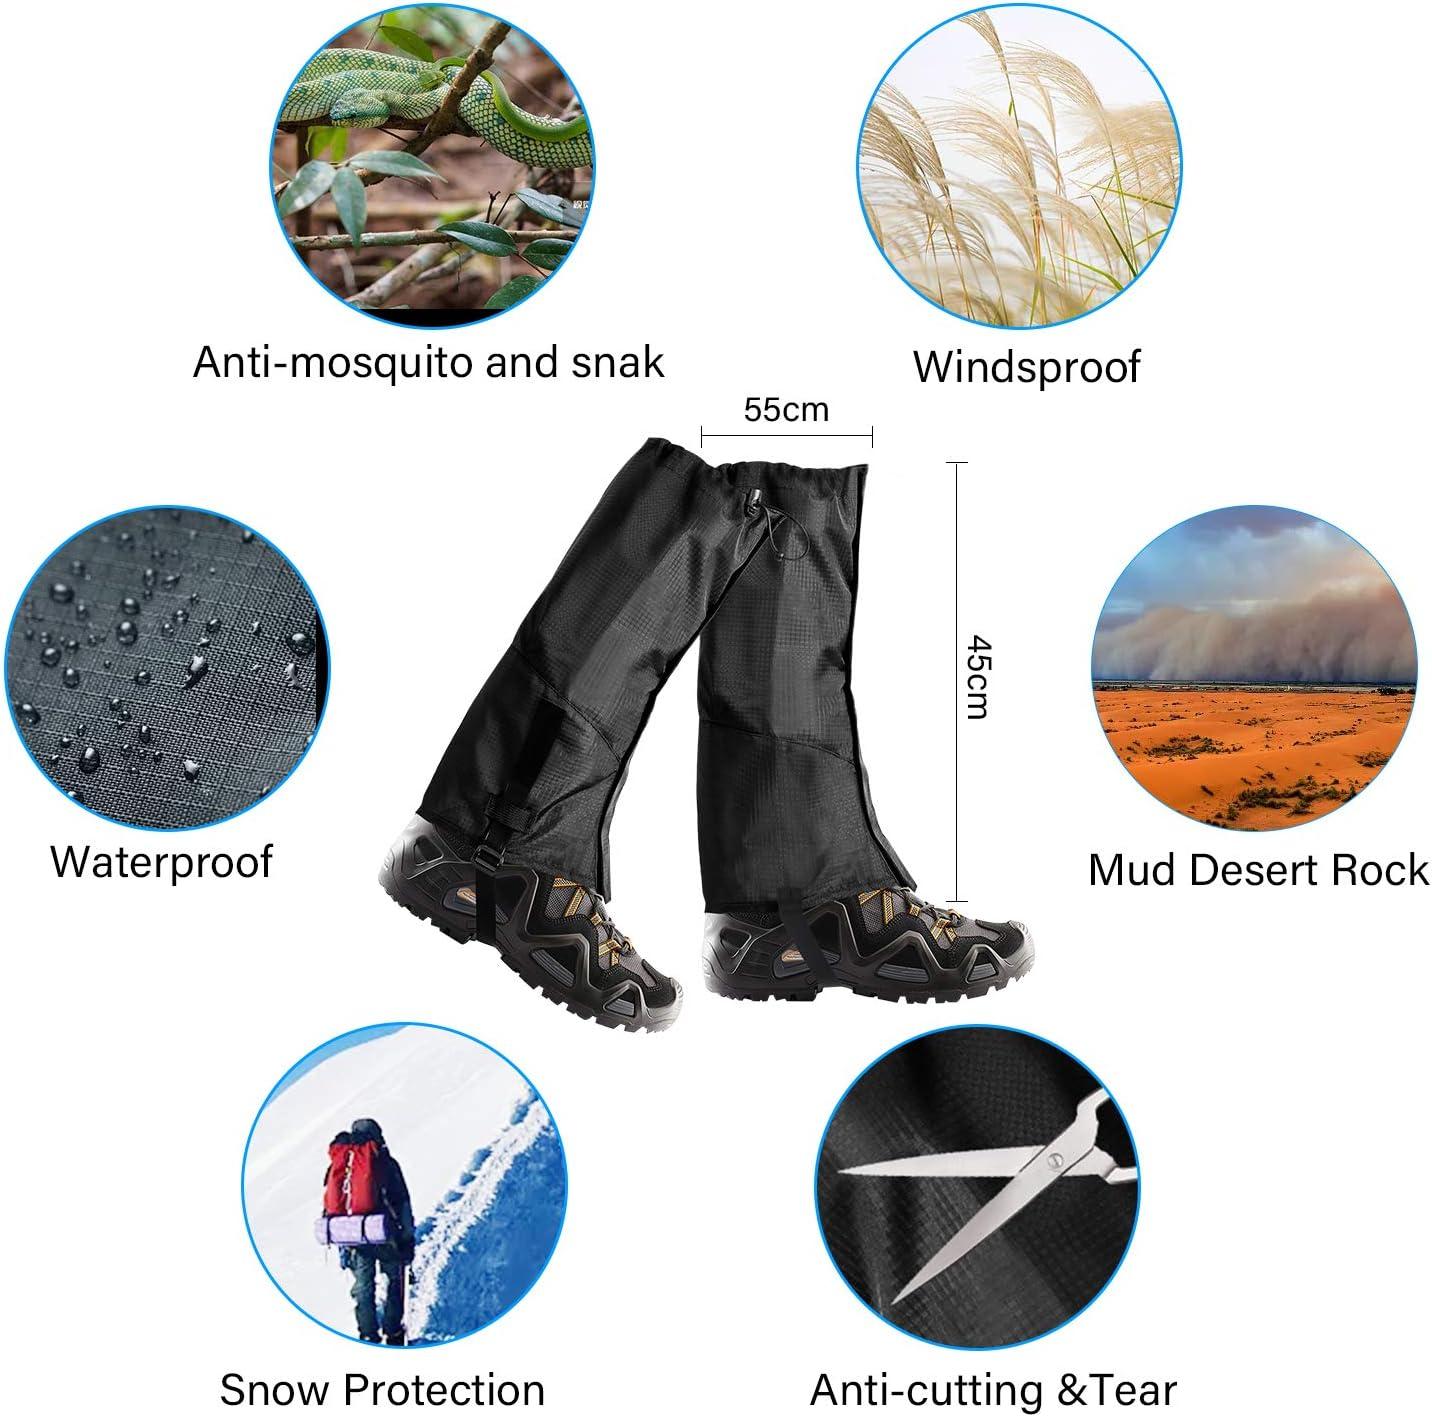 Schneewandern und Jagd Klettern,Trekking Shayson Outdoor Gamaschen /Übergro/ße und wasserdichte Gamaschen Einstellbare und Atmungsaktive Beinschutz Gaiter f/ür Outdoor-Hosen zum Wandern